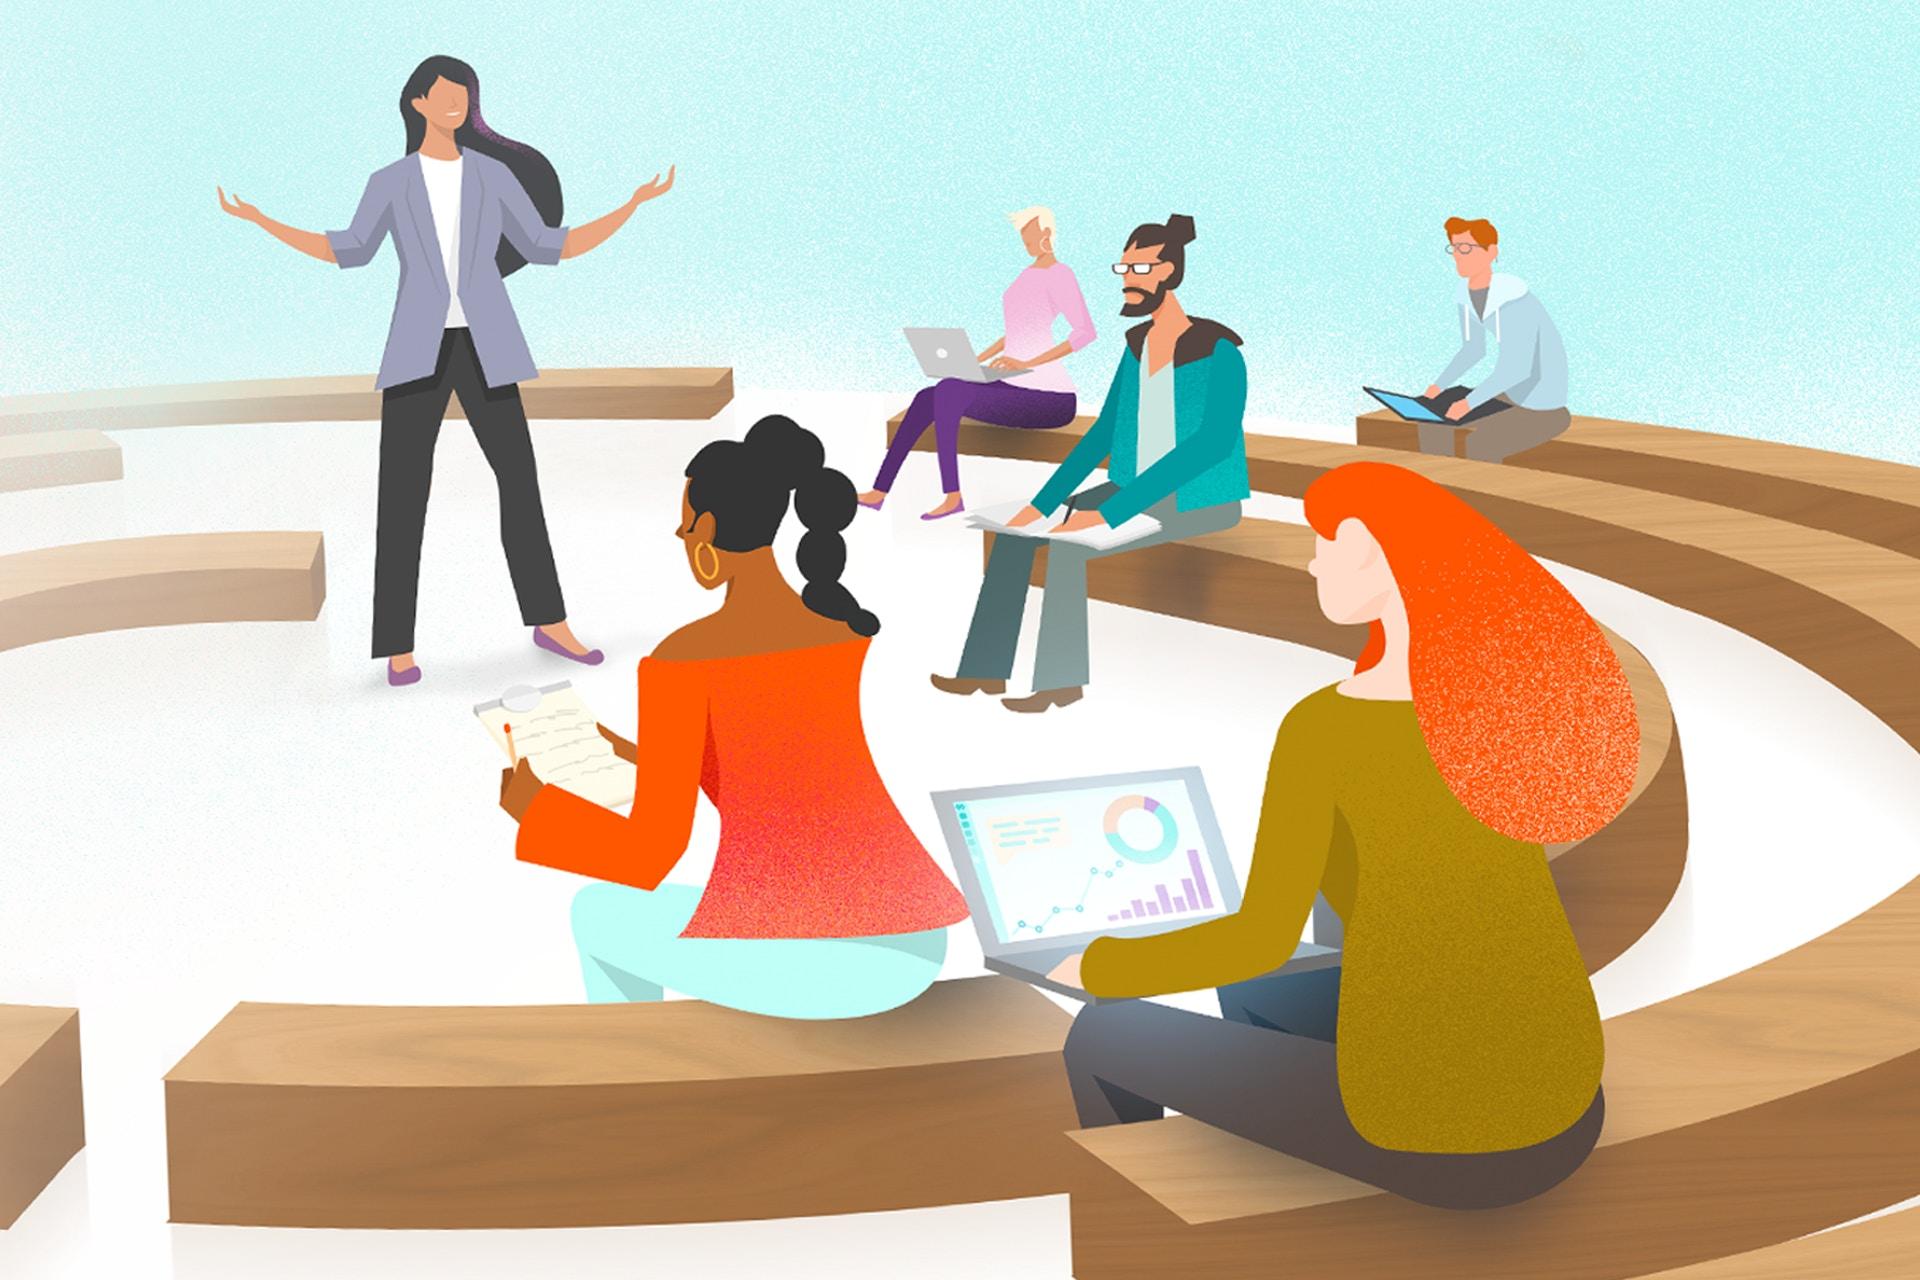 Piirroskuva ihmisistä kuuntelemassa esitelmää.